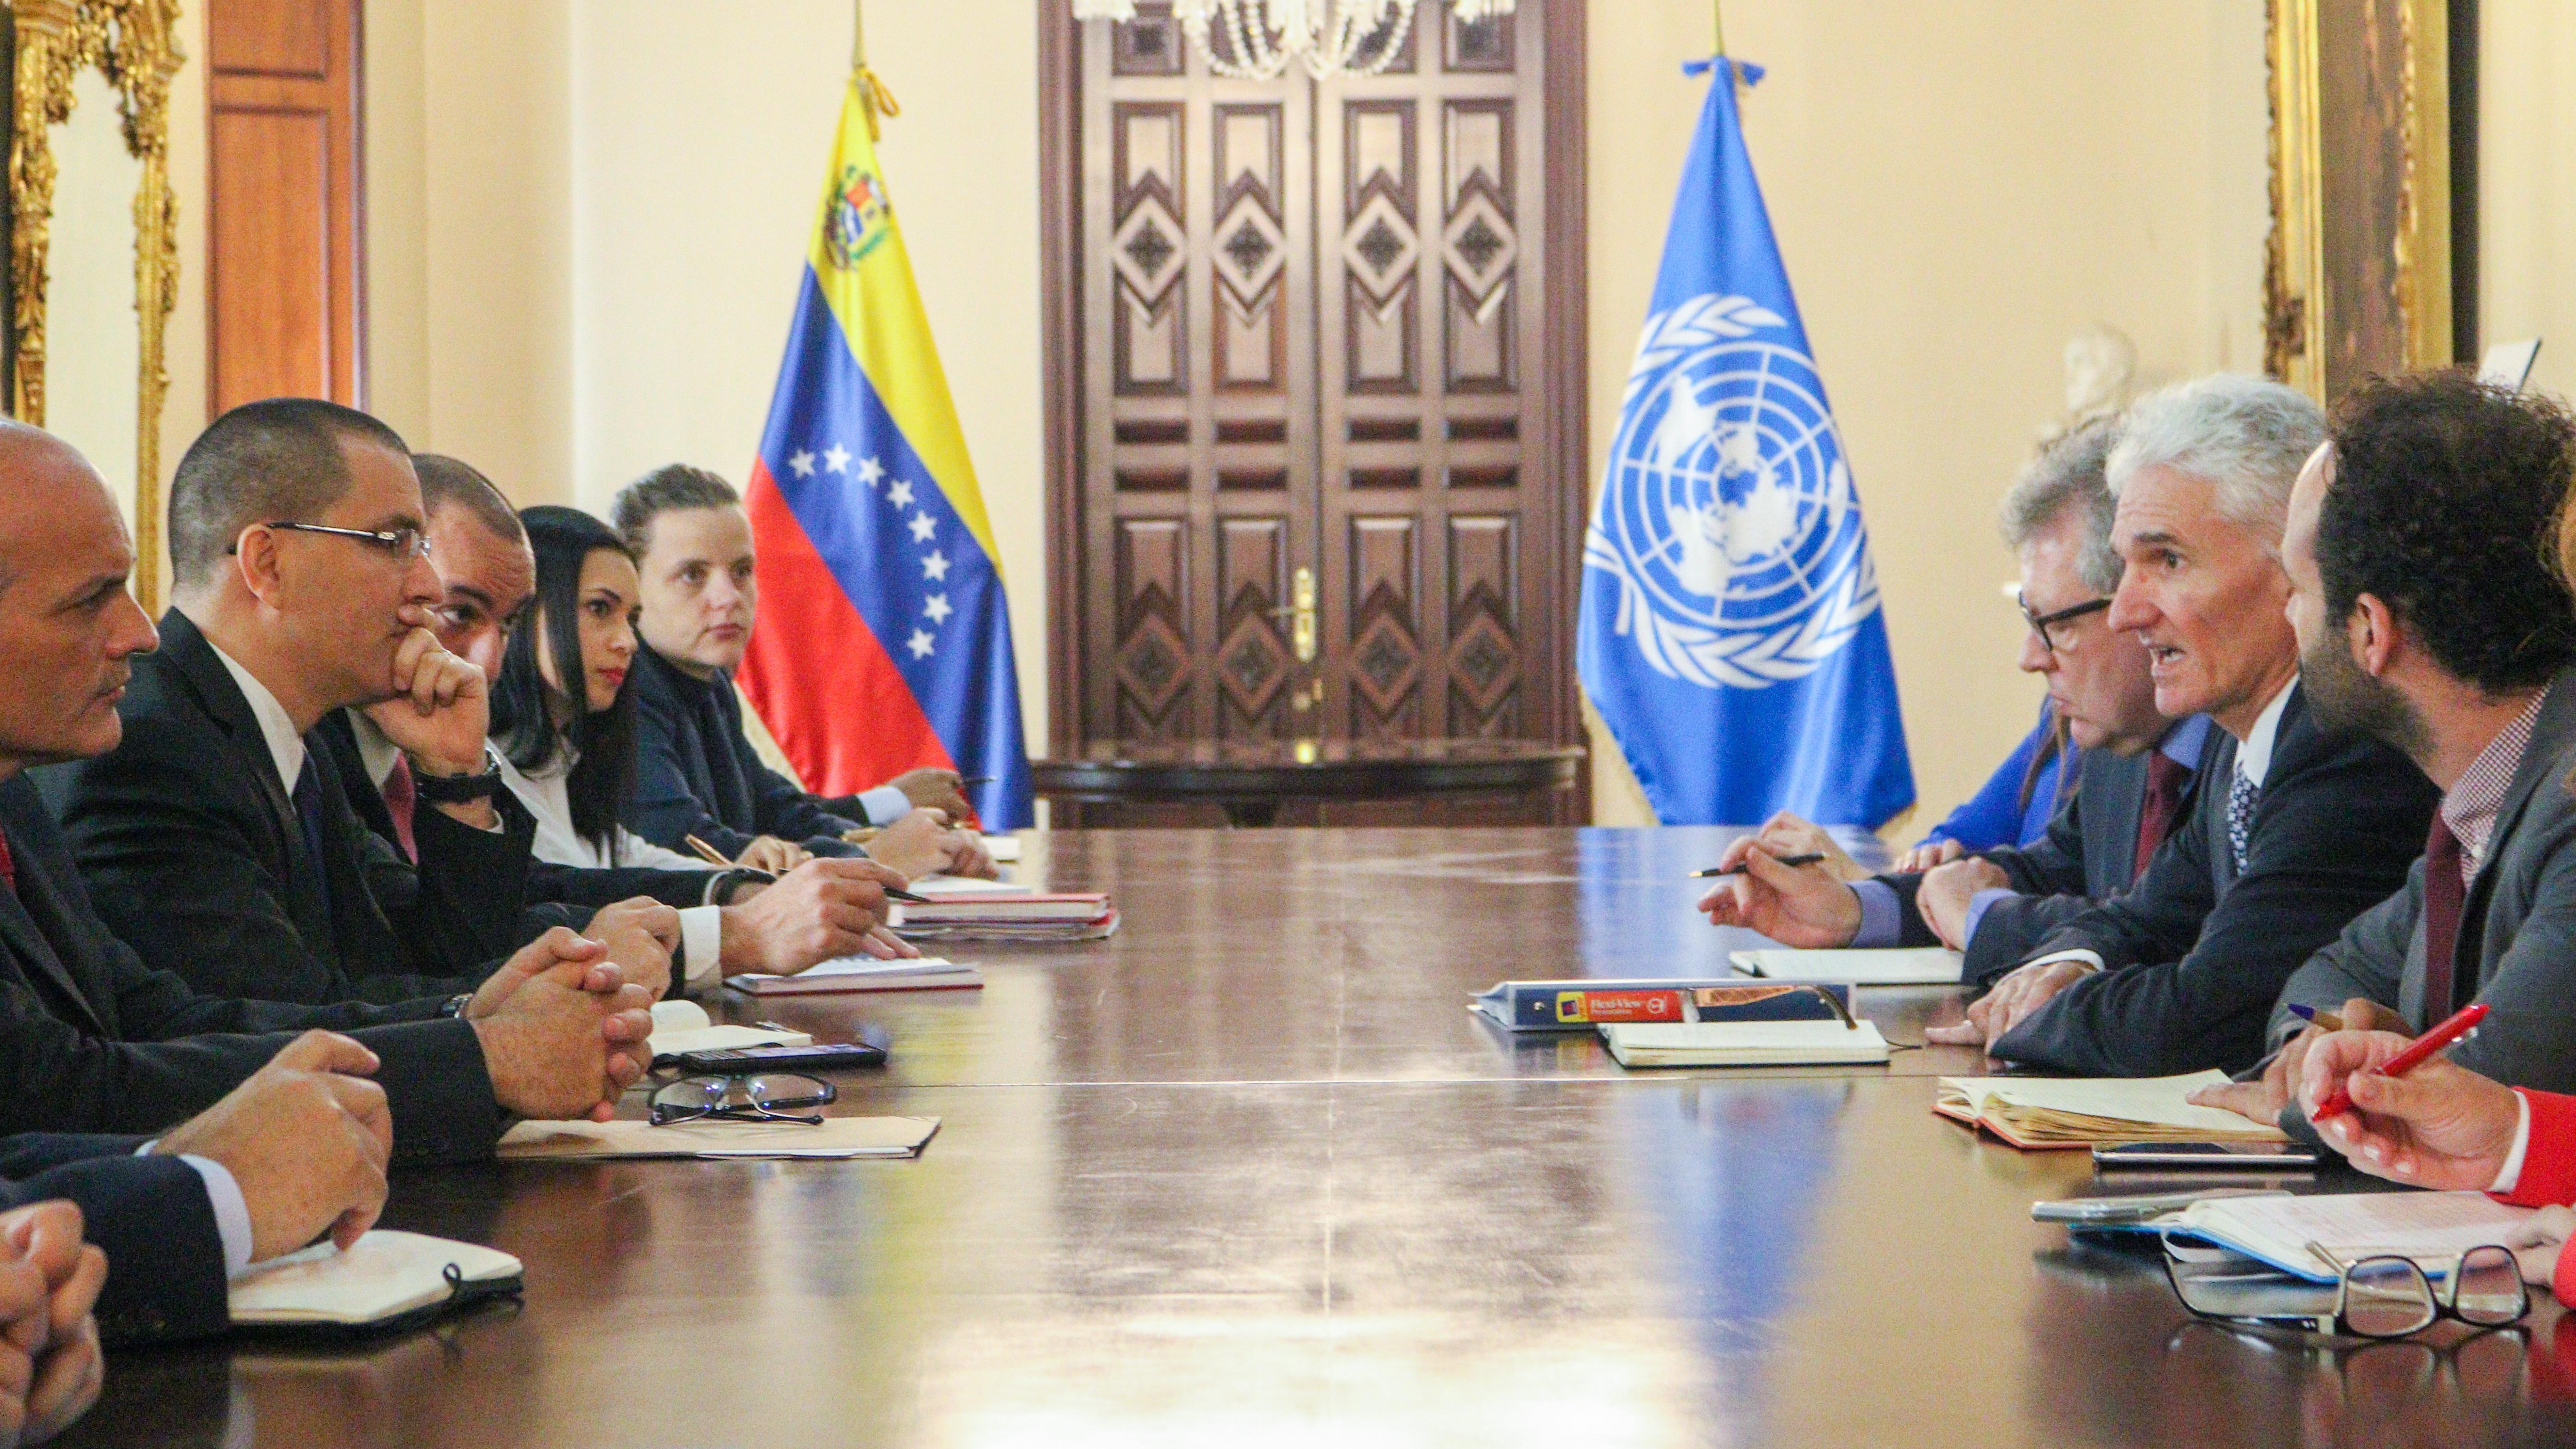 Vicepresidente de Planificación se reúne con Secretario de la de la ONU para Asuntos Humanitarios